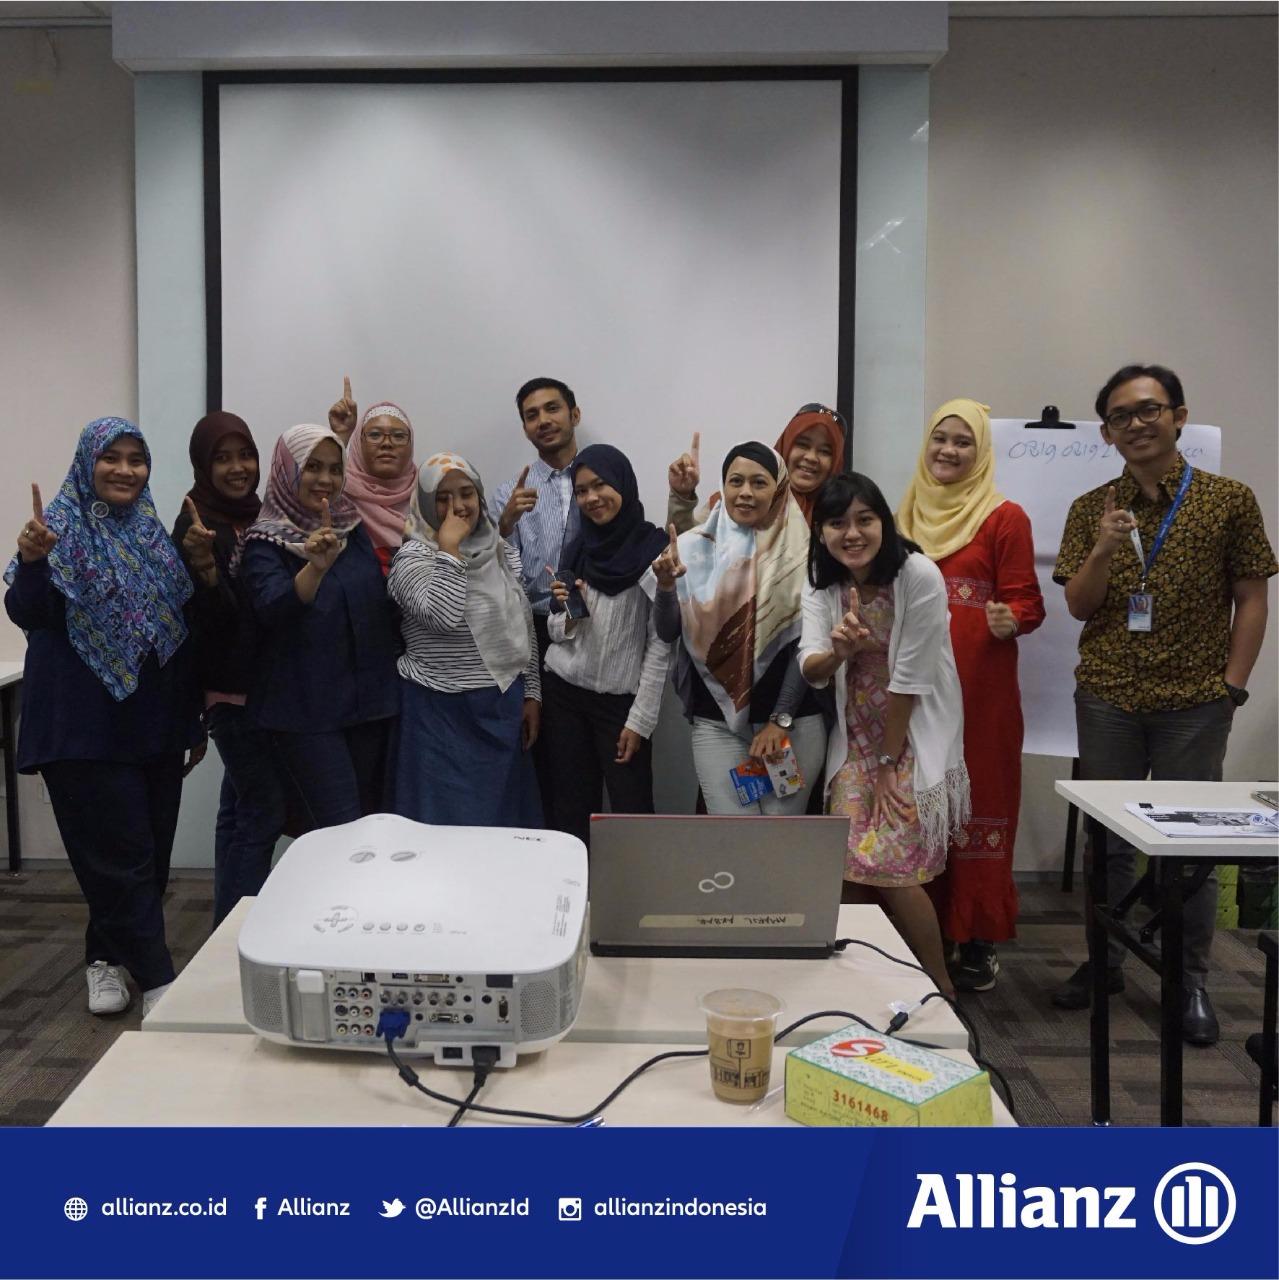 #AllianzSyariahIsNow #Allianz #AllianzIndonesia #AllianzAsuransiSyariah #Asuransi #AsuransiSyariah #AsuransiAllianz